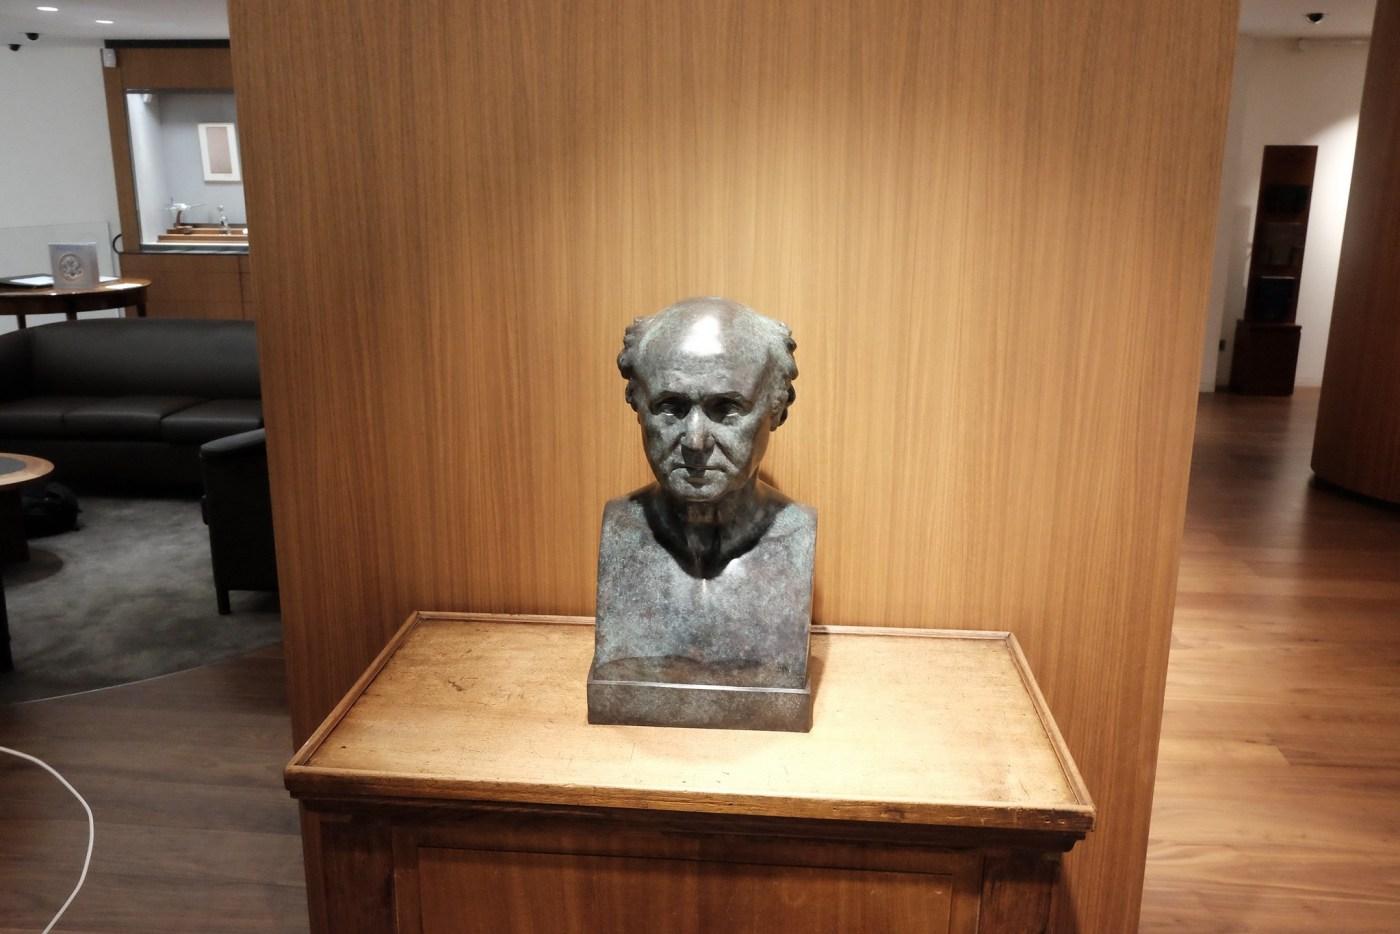 Bust of Abraham-Louis Breguet at the Breguet Museum of Paris